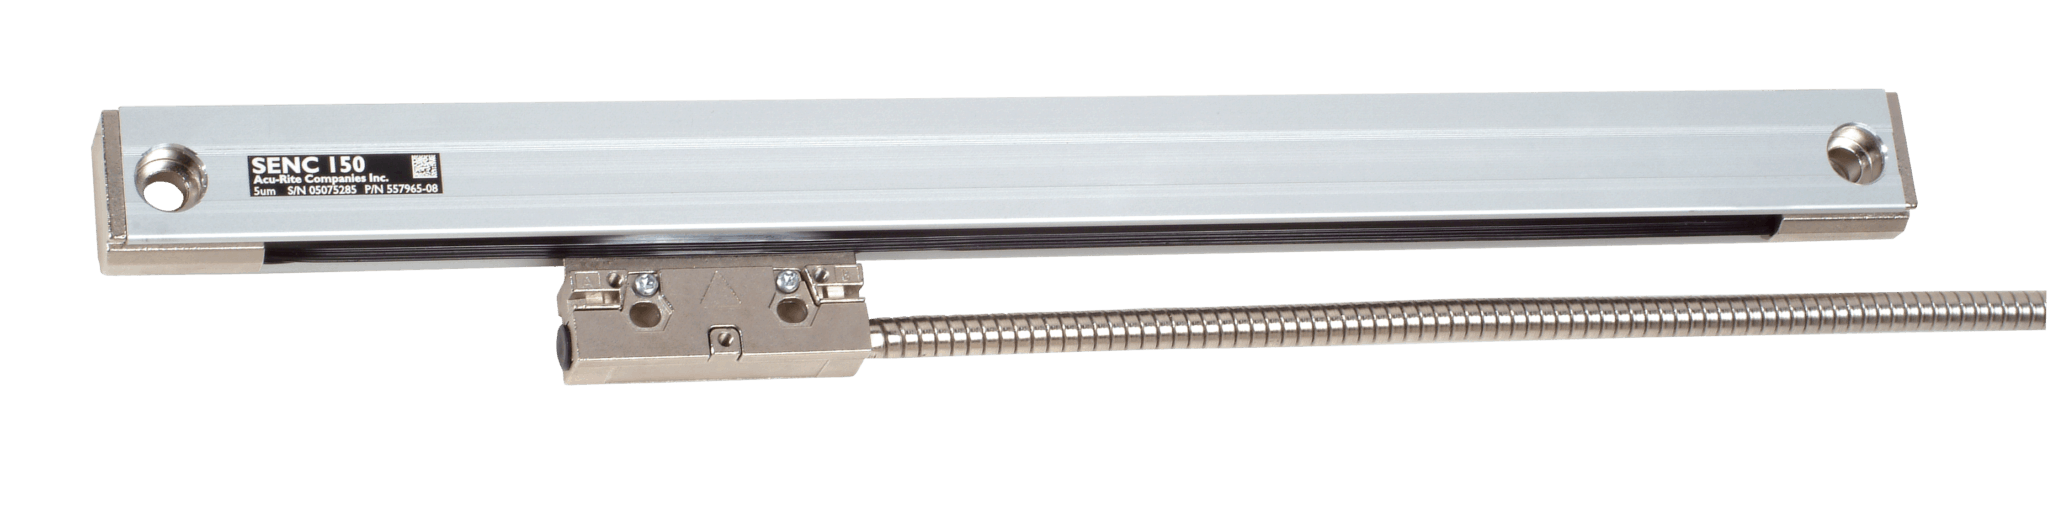 ACU-RITE SENC 150, ACU-RITE Controls & Readouts